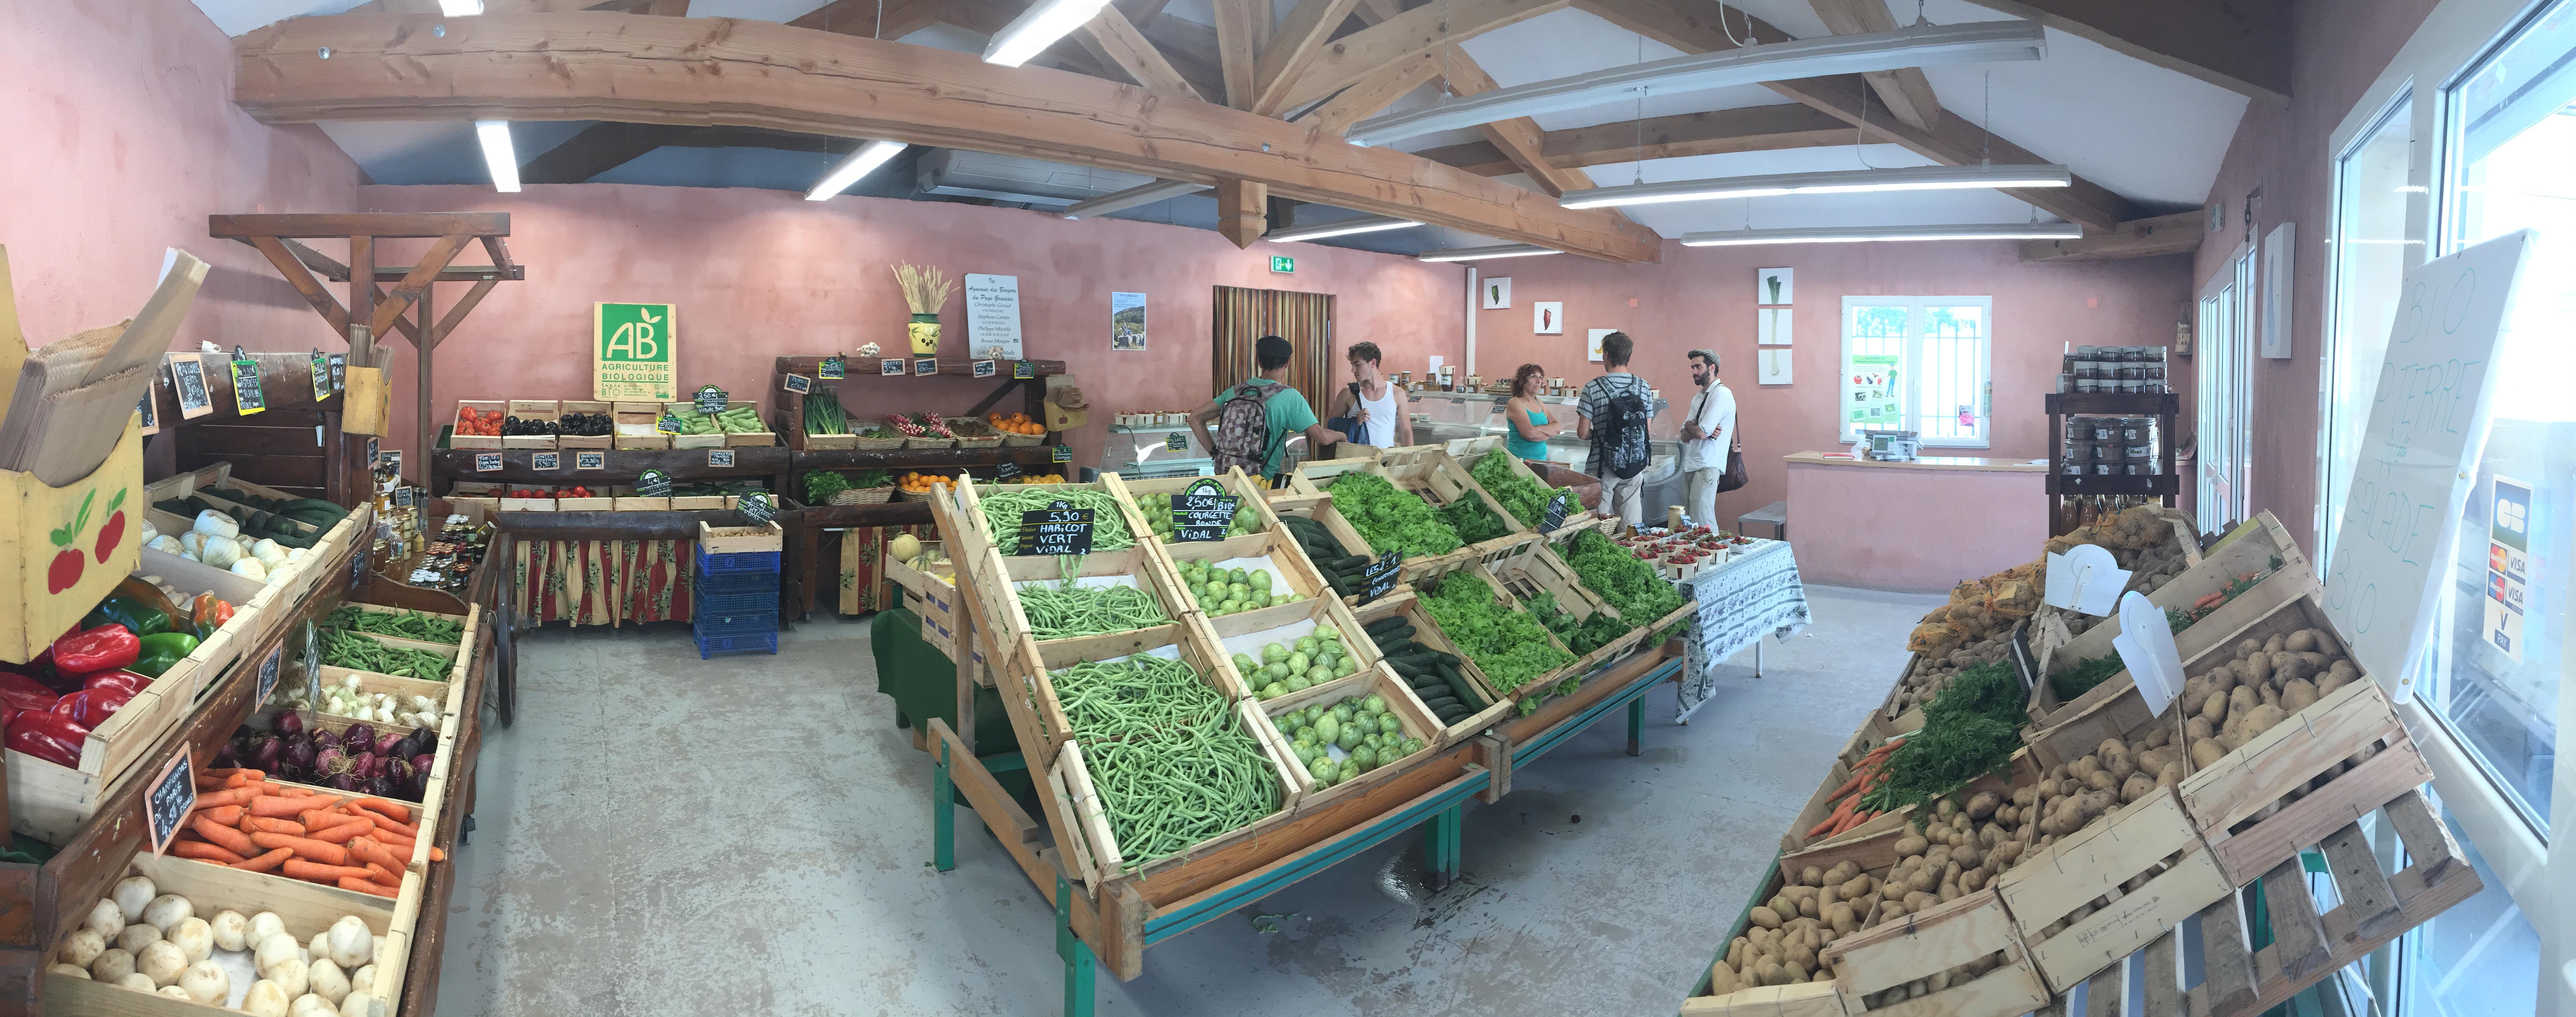 La Ruche qui dit oui: des produits de la ferme sur les quais de la gare Matabiau